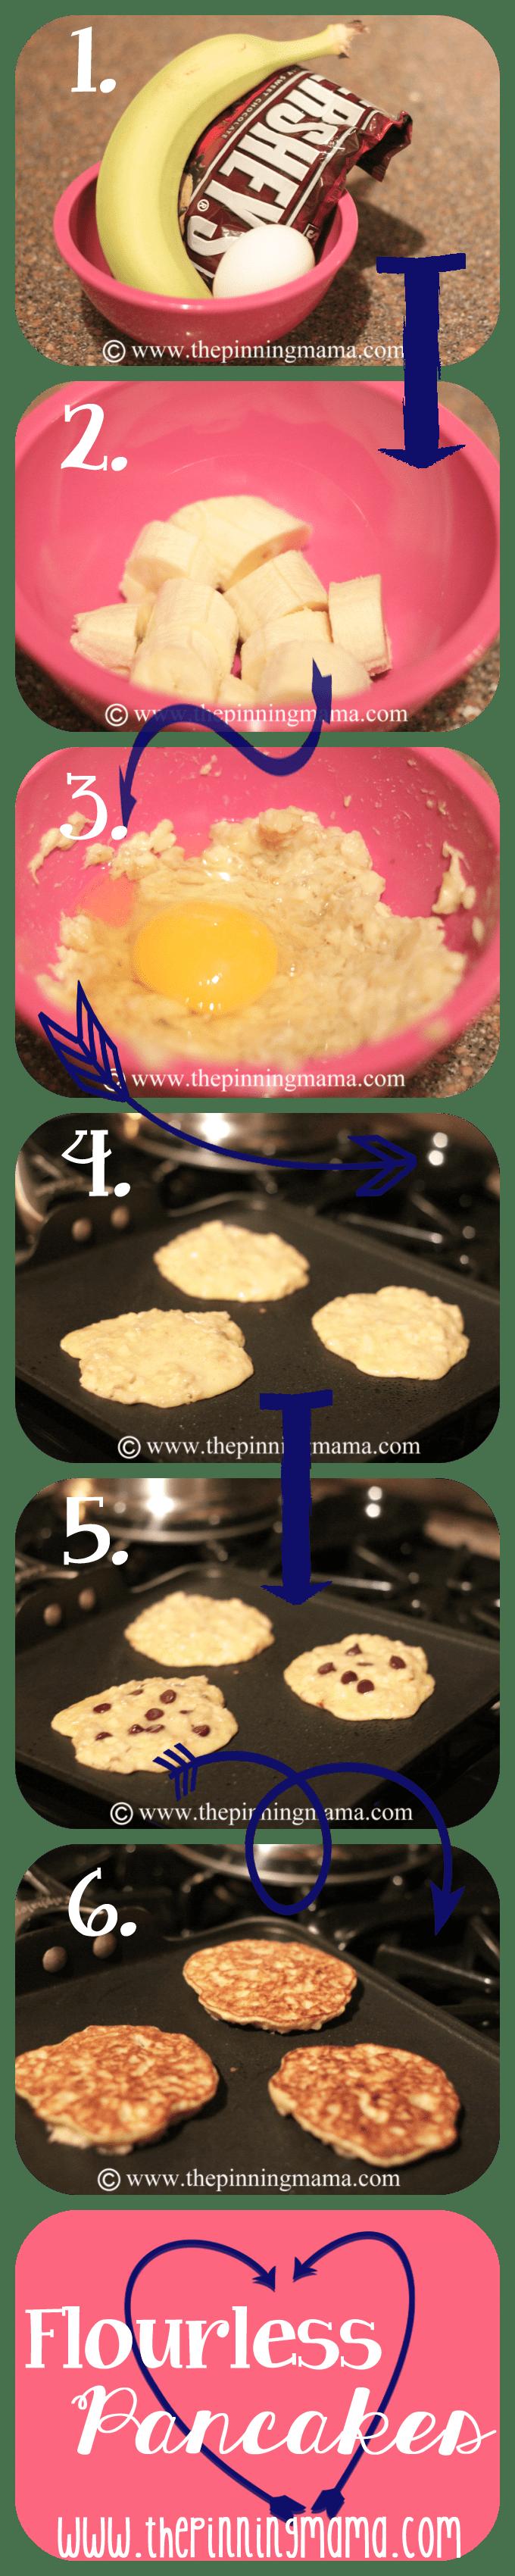 Flourless Pancakes by www.thepinningmama.com